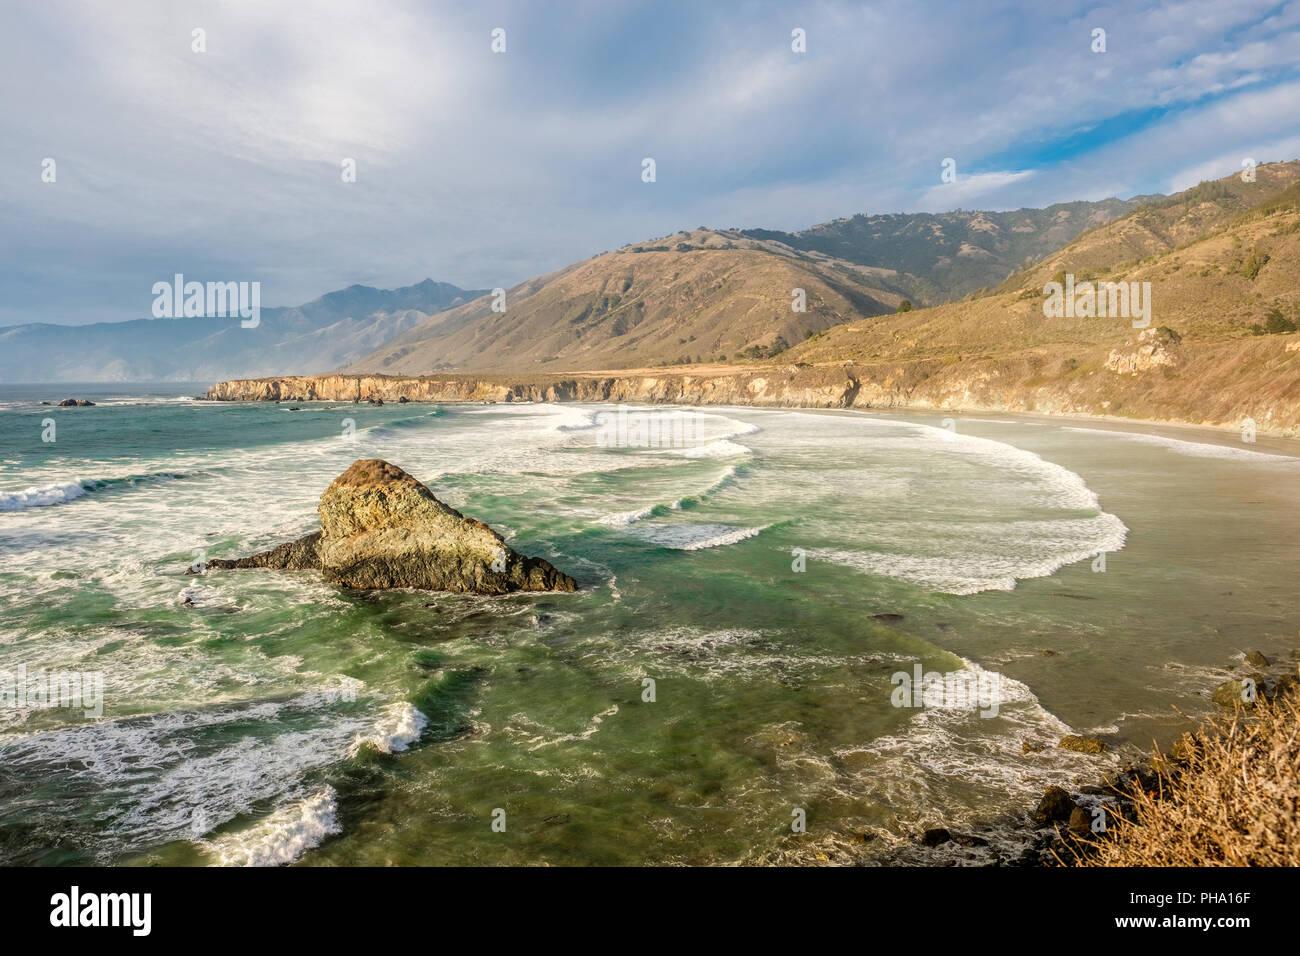 La costa del Pacífico de Estados Unidos, Dólar de Arena Beach, Big Sur, California Imagen De Stock